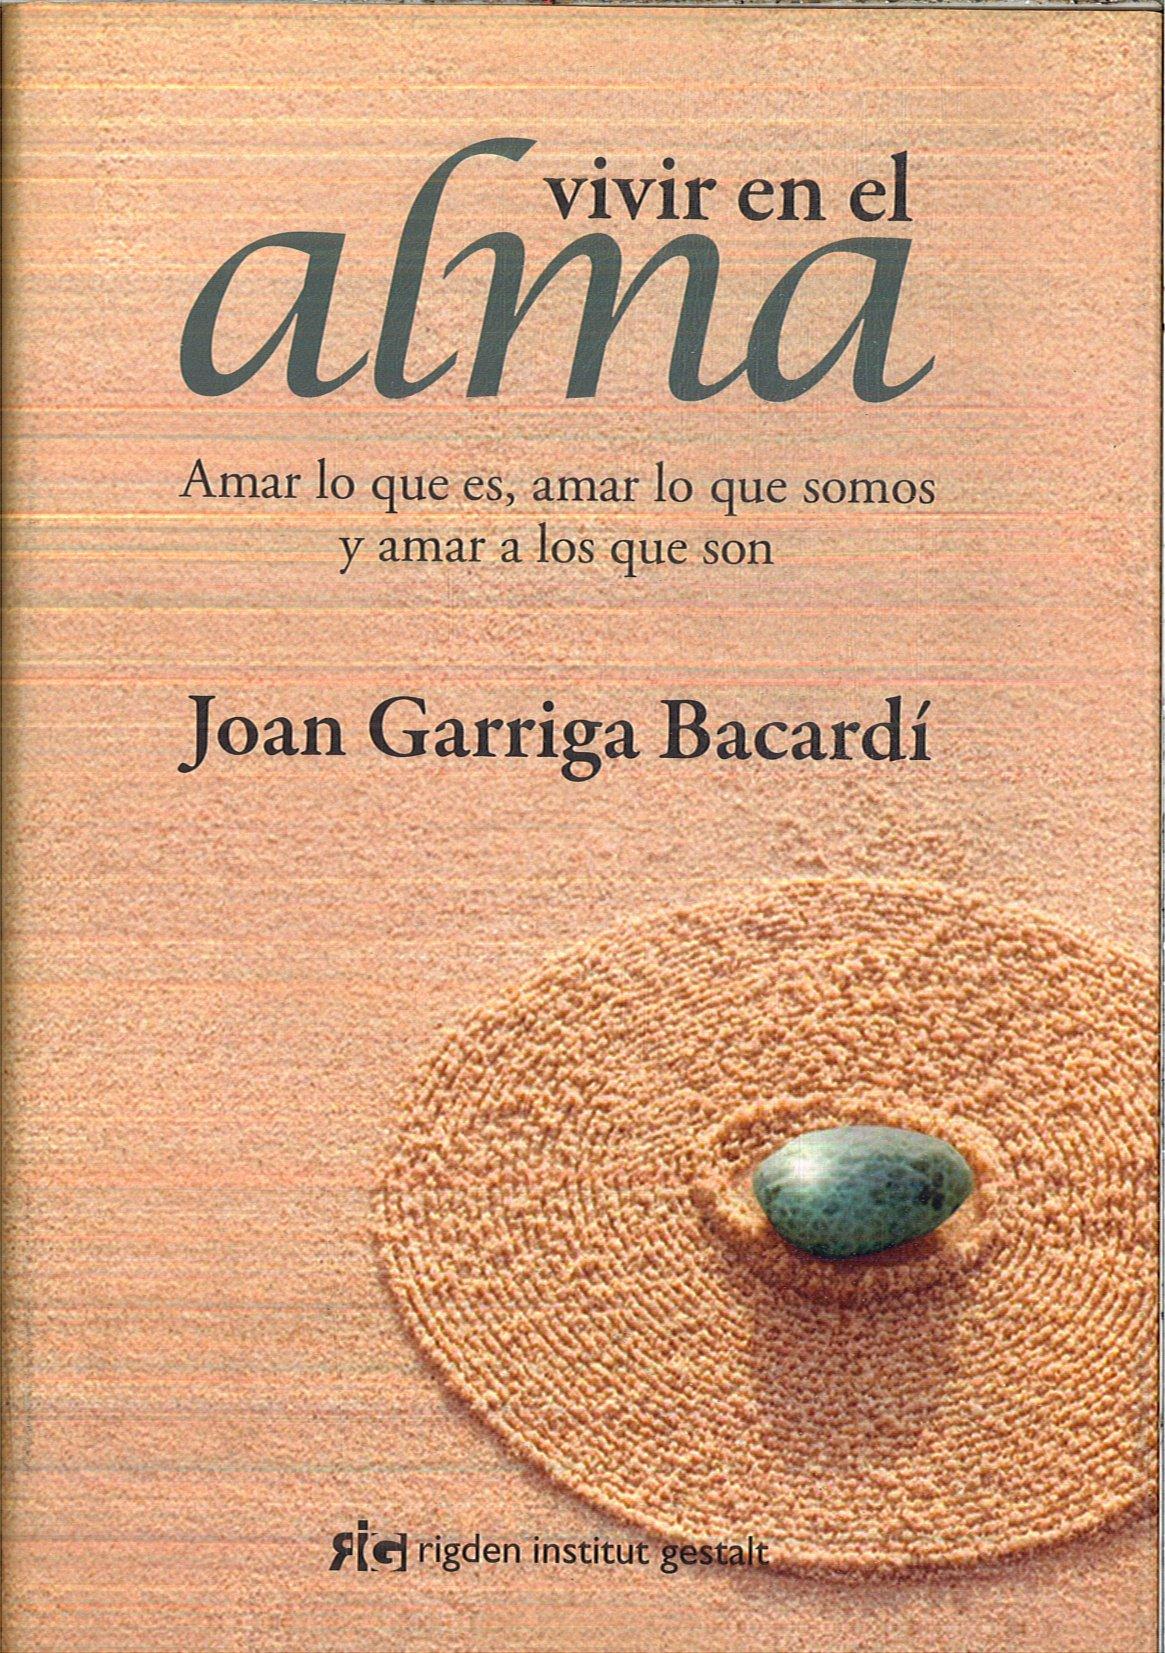 Vivir en el alma Tapa dura : Amar lo que es, amar lo que somos y amar a los  que son: Amazon.es: JOAN GARRIGA BACARDI: Libros